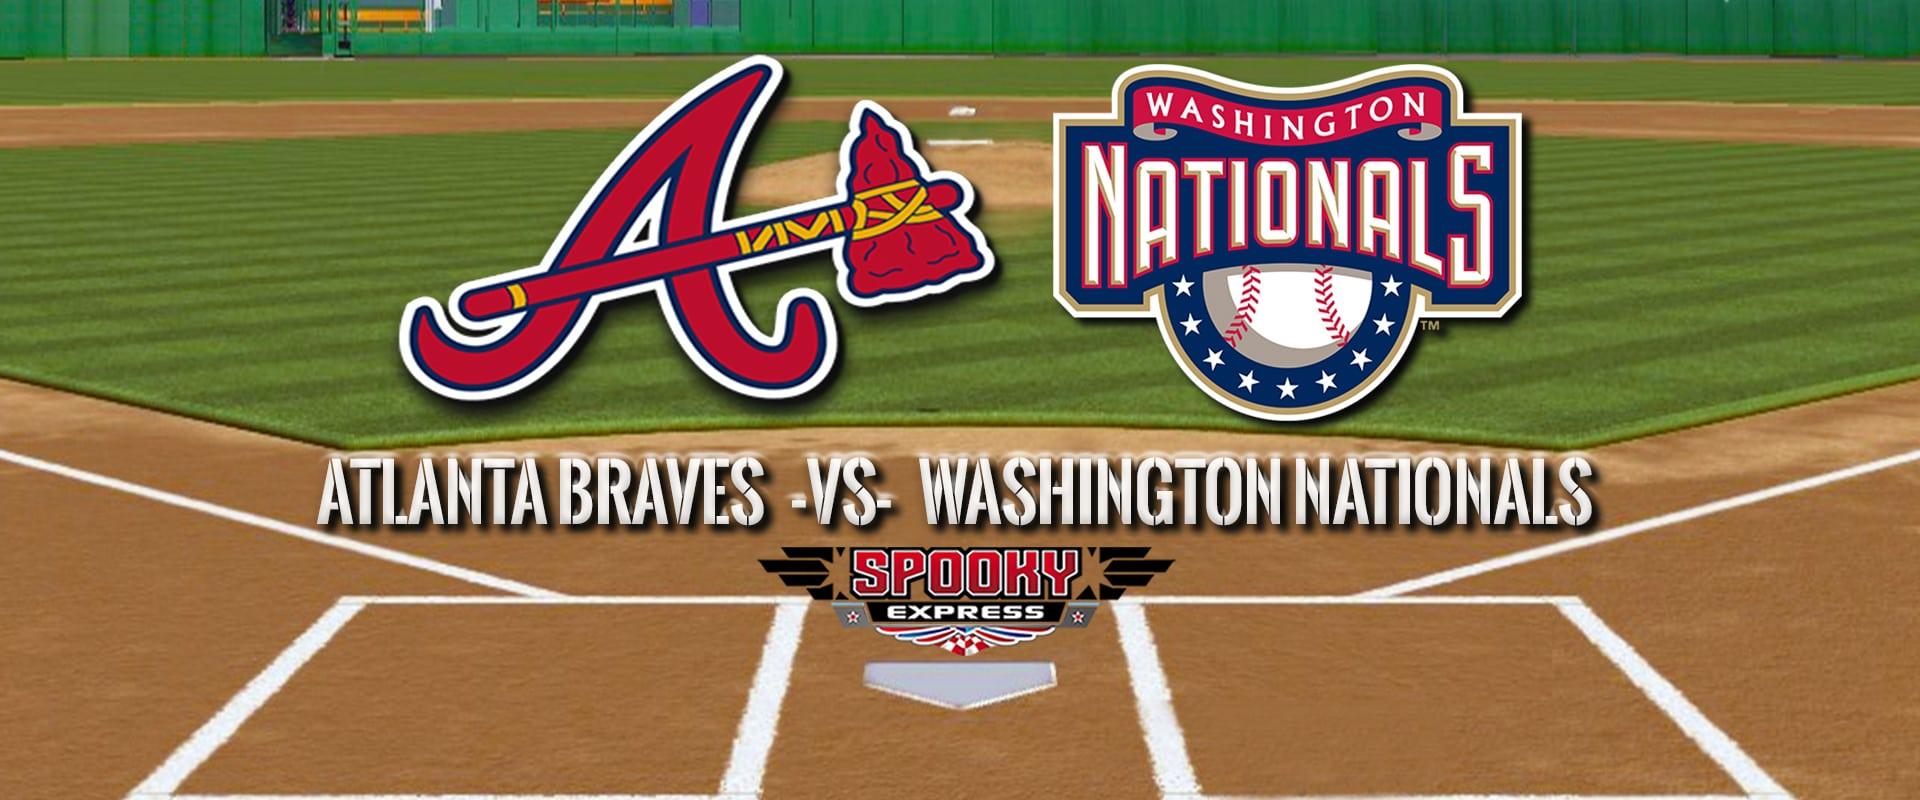 nationals vs braves - photo #20